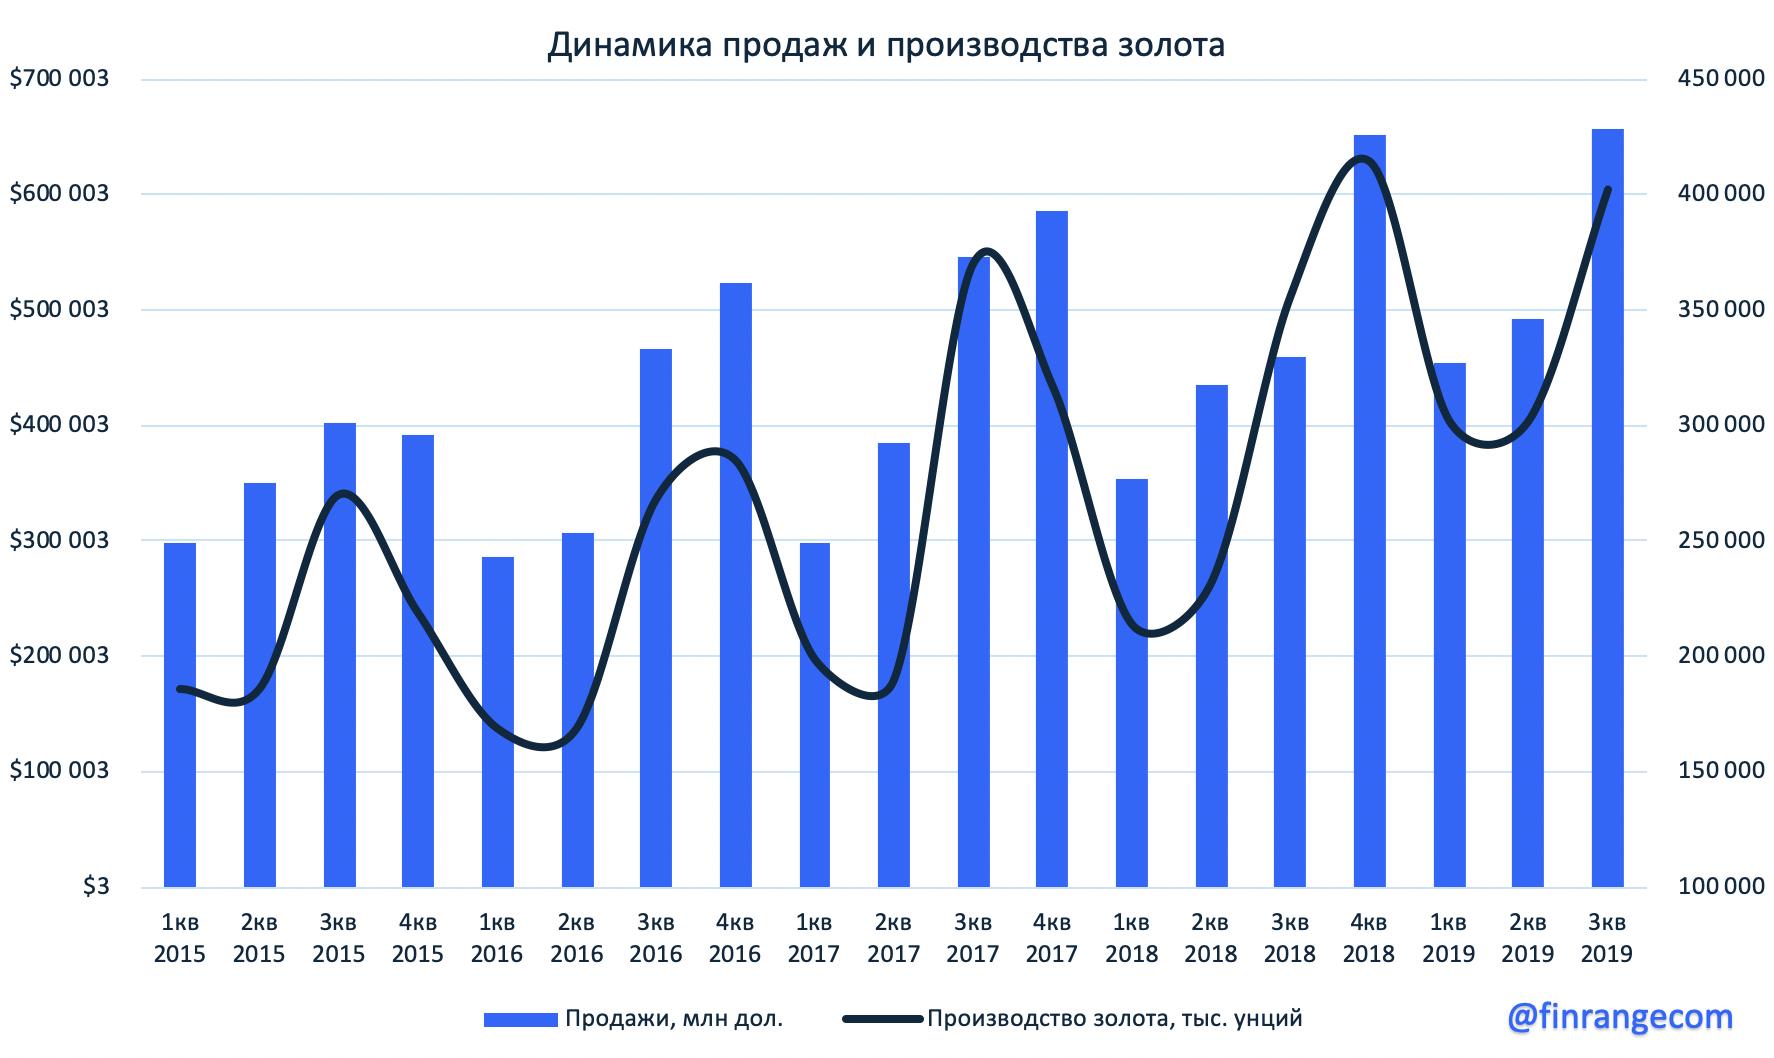 Полиметалл: операционные результаты за III кв. 2019 г. Кызыл делает вещи